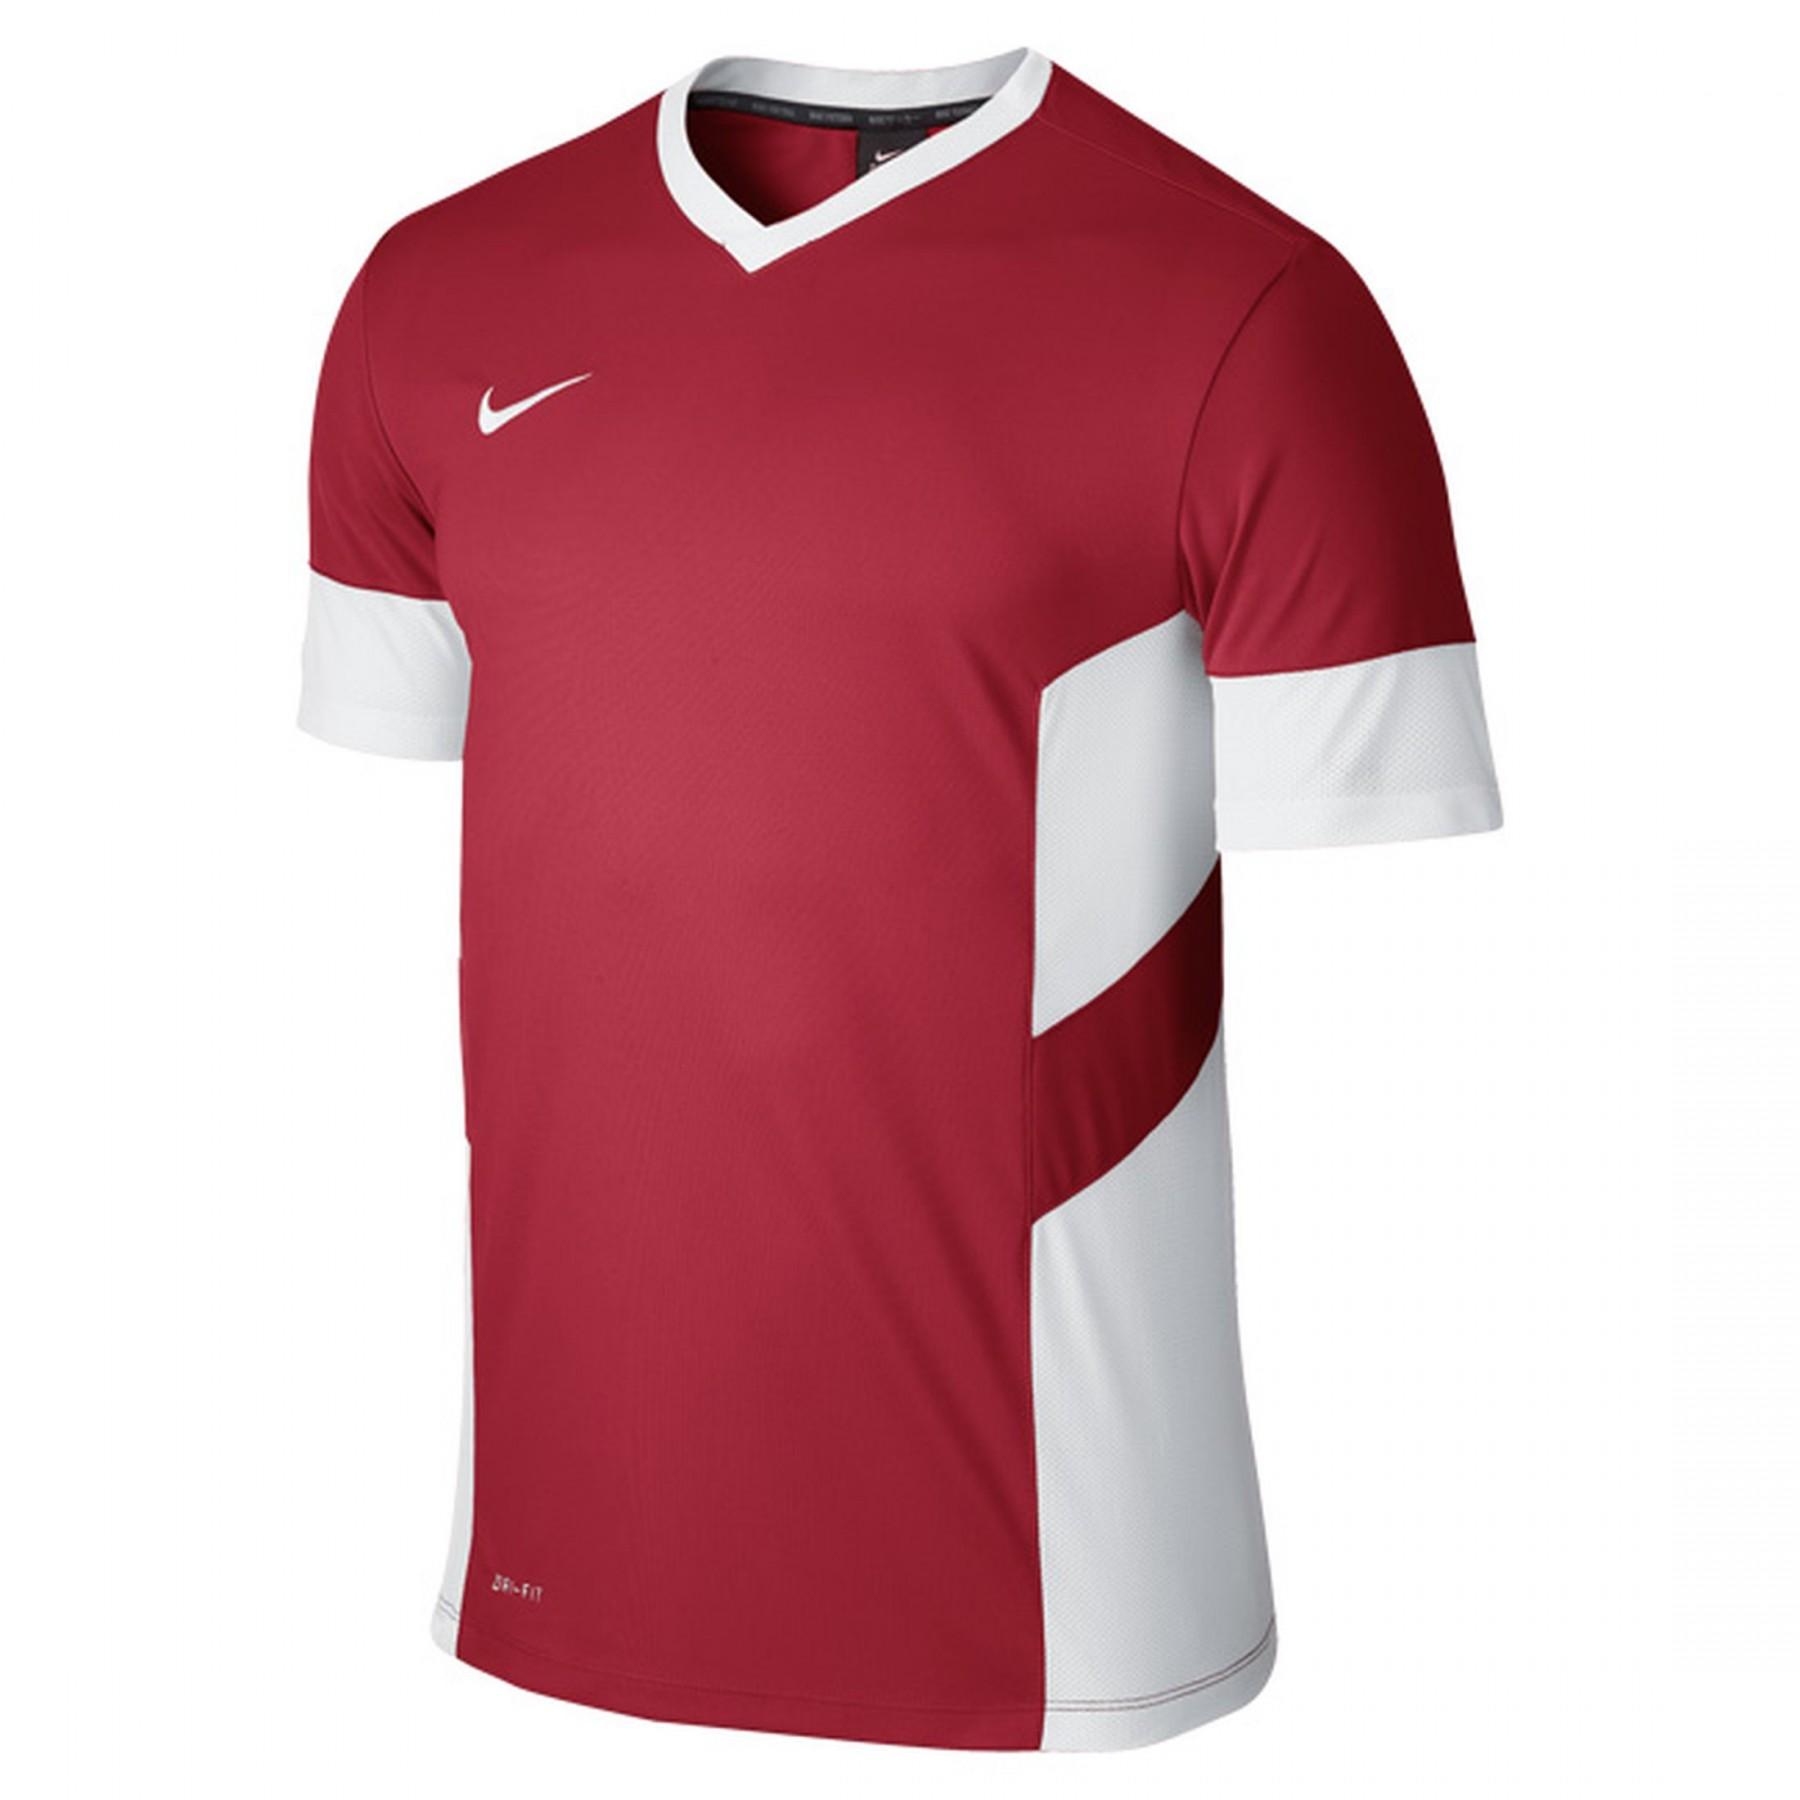 boutique t-shirt rouge.jpg